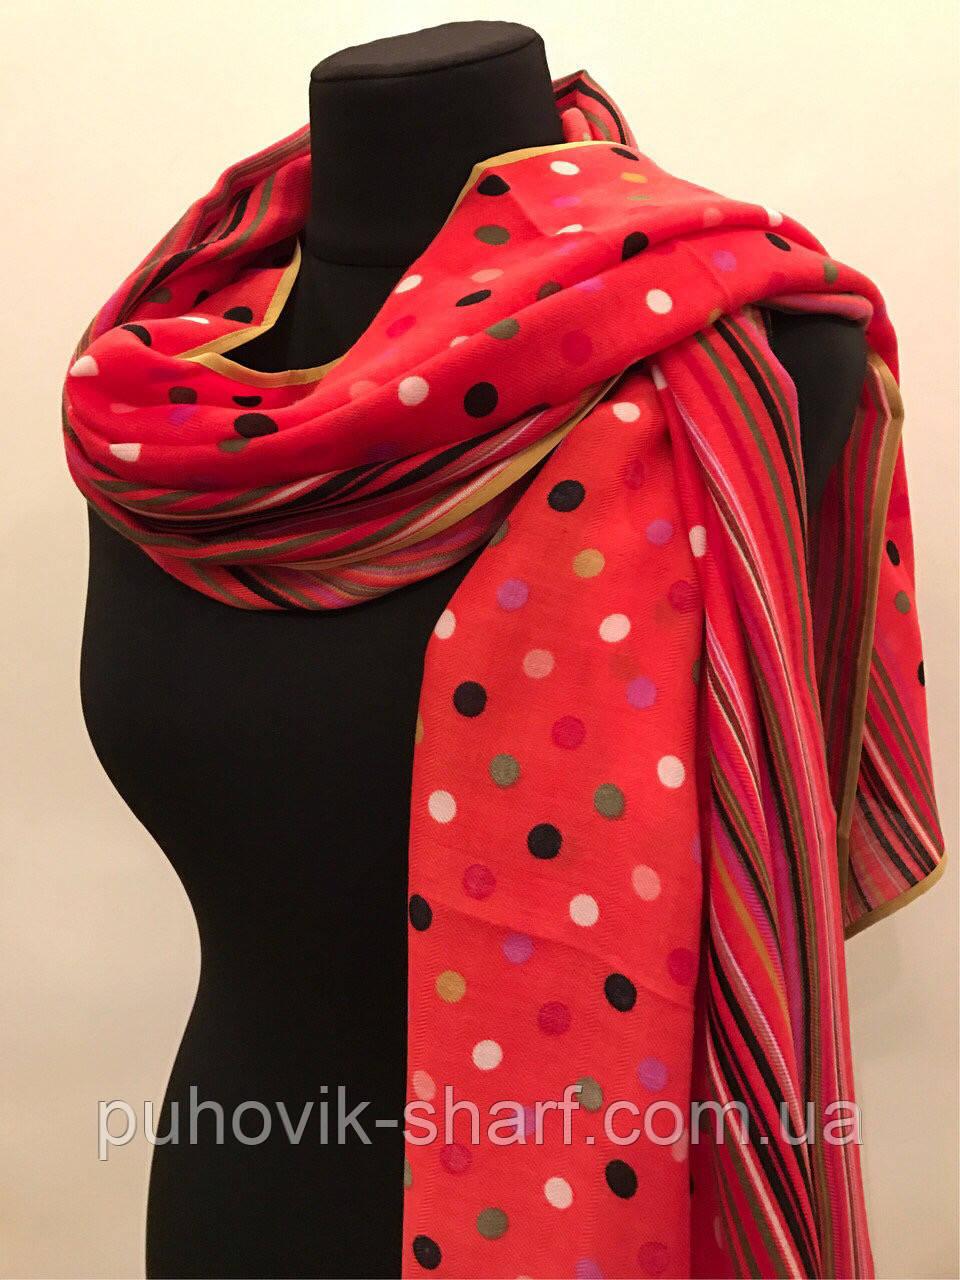 a6288f907885 Красивый шарф в горох